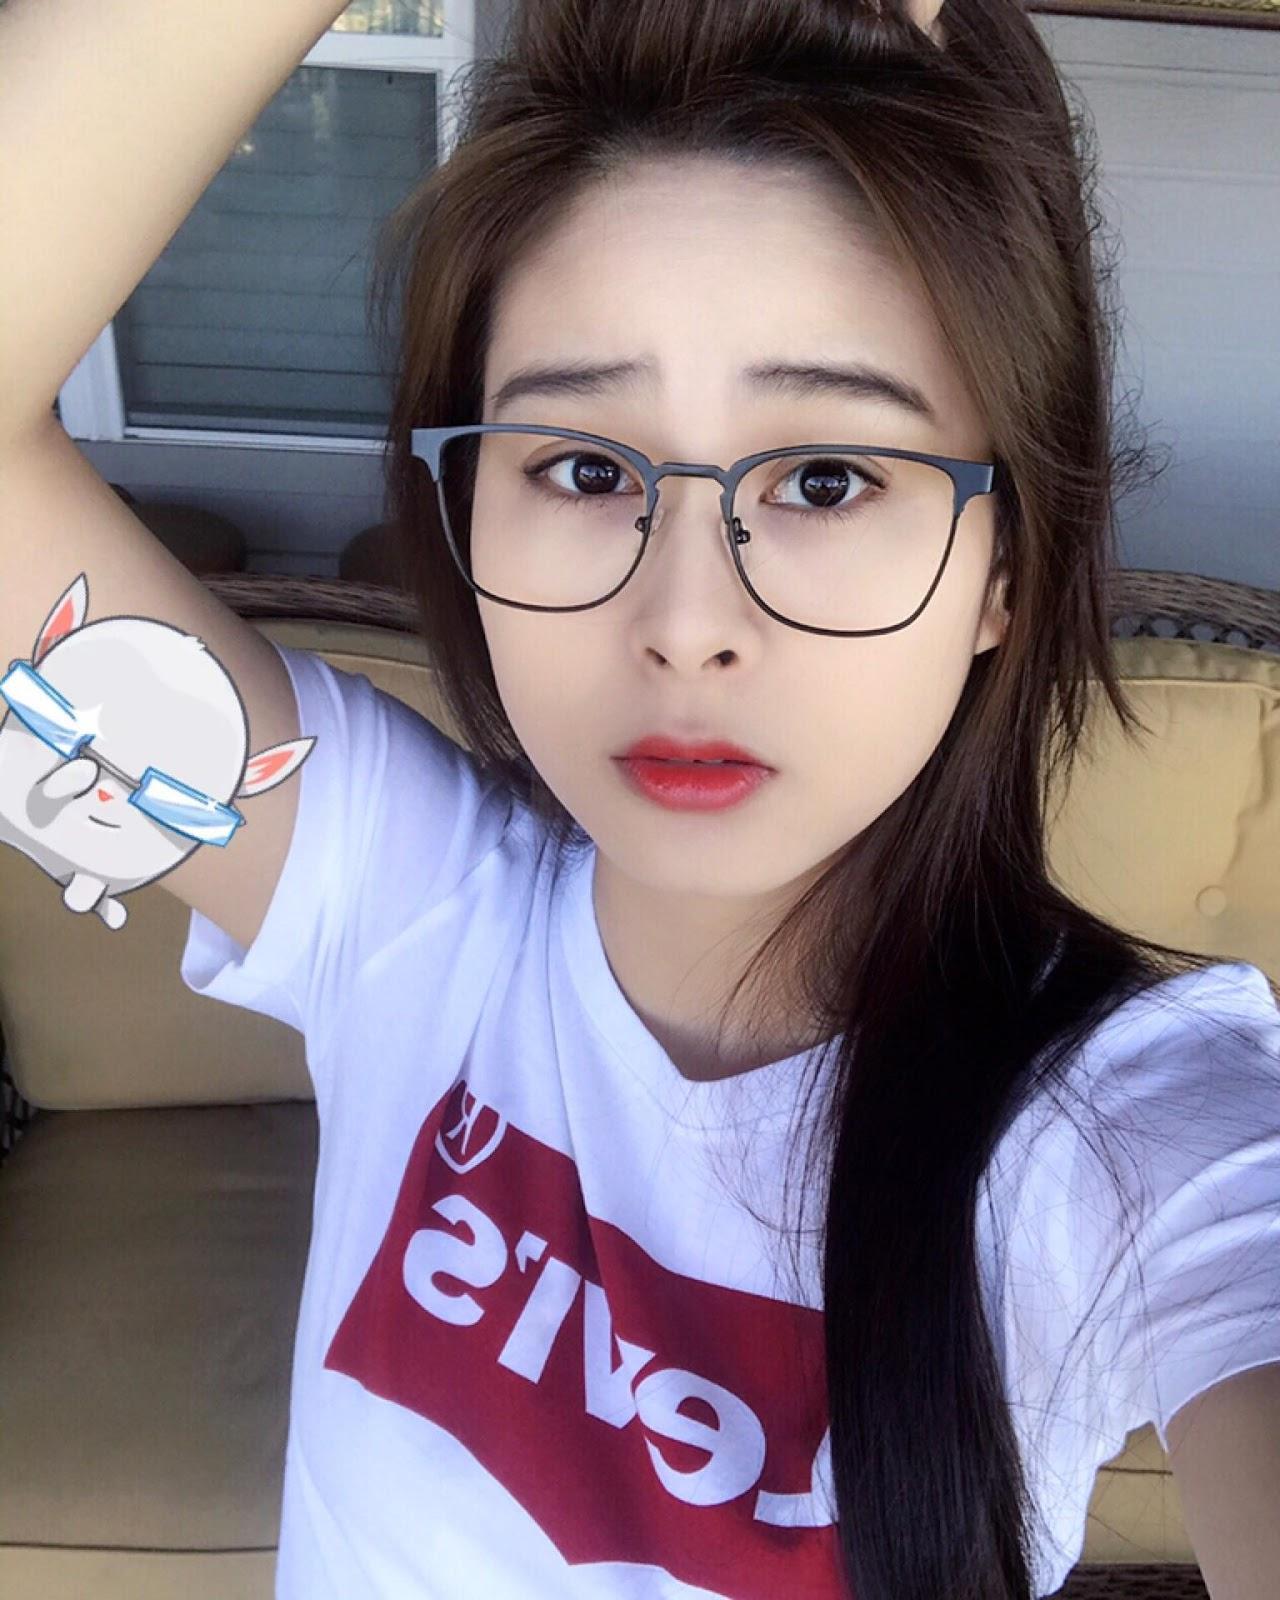 anh do thu faptv 2017 88 - HOT Girl Đỗ Thư FAPTV Gợi Cảm Quyến Rũ Mũm Mĩm Đáng Yêu